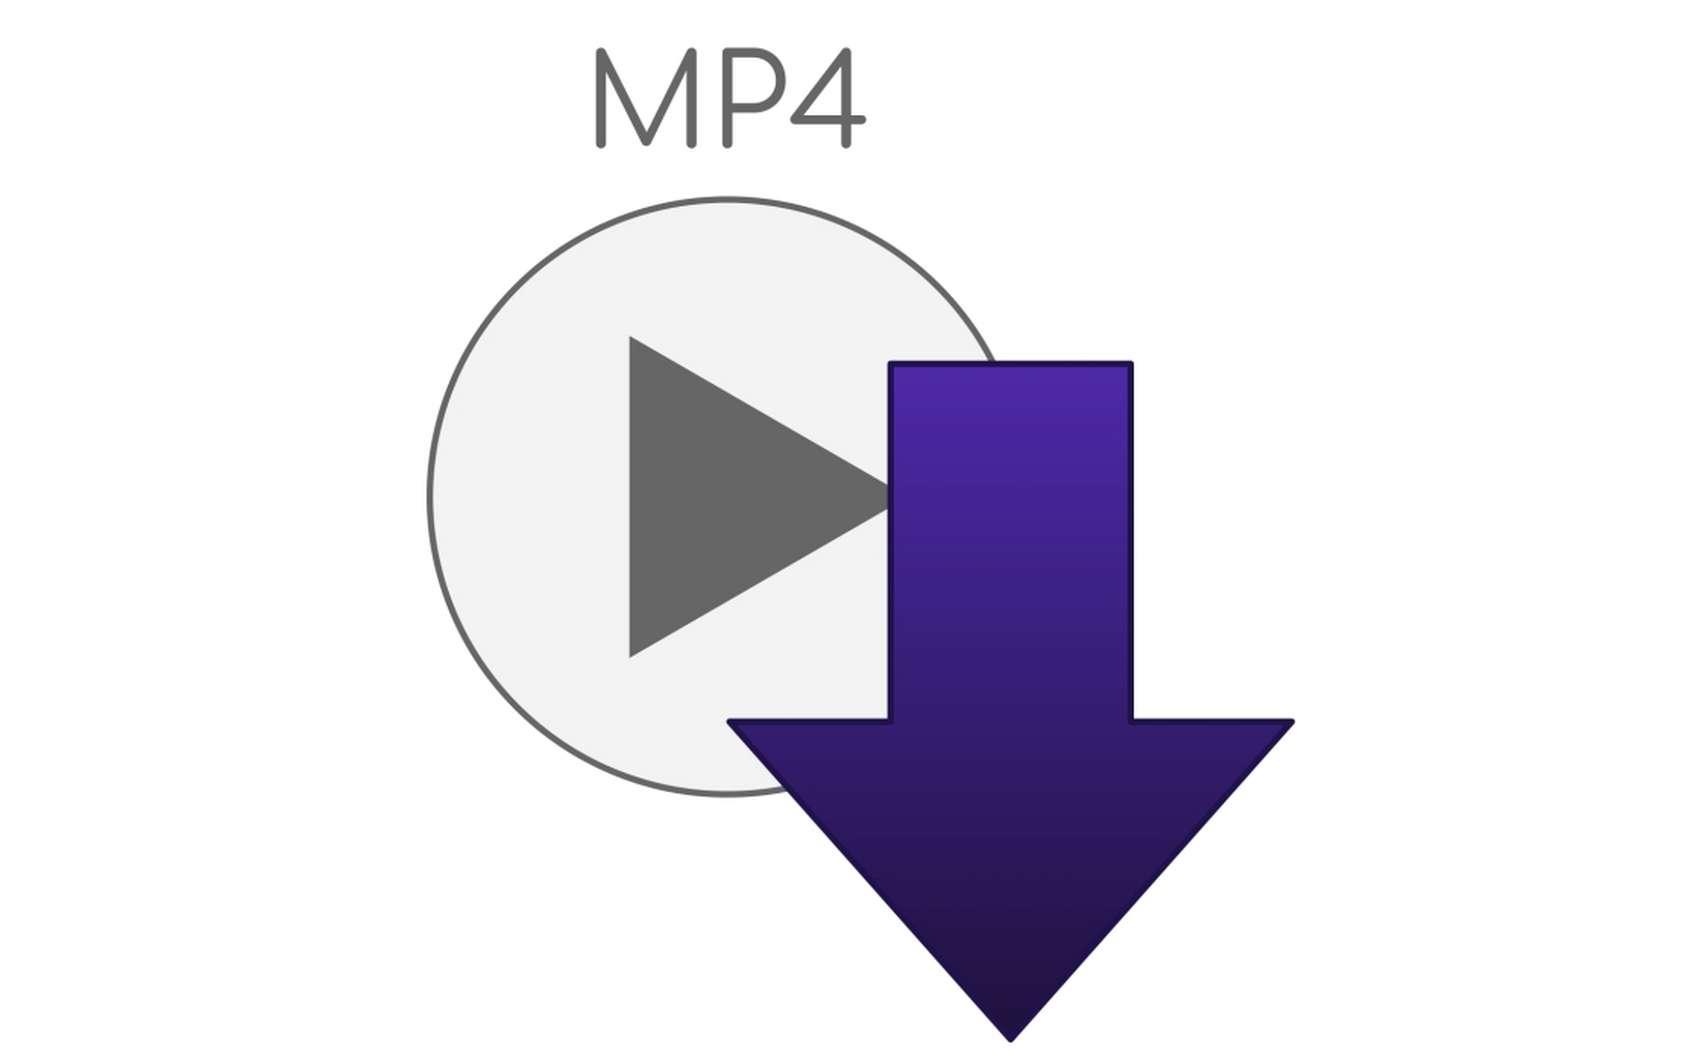 En téléchargeant une vidéo sur le web, vous pouvez la sauvegarder dans le format de votre choix © Pixabay